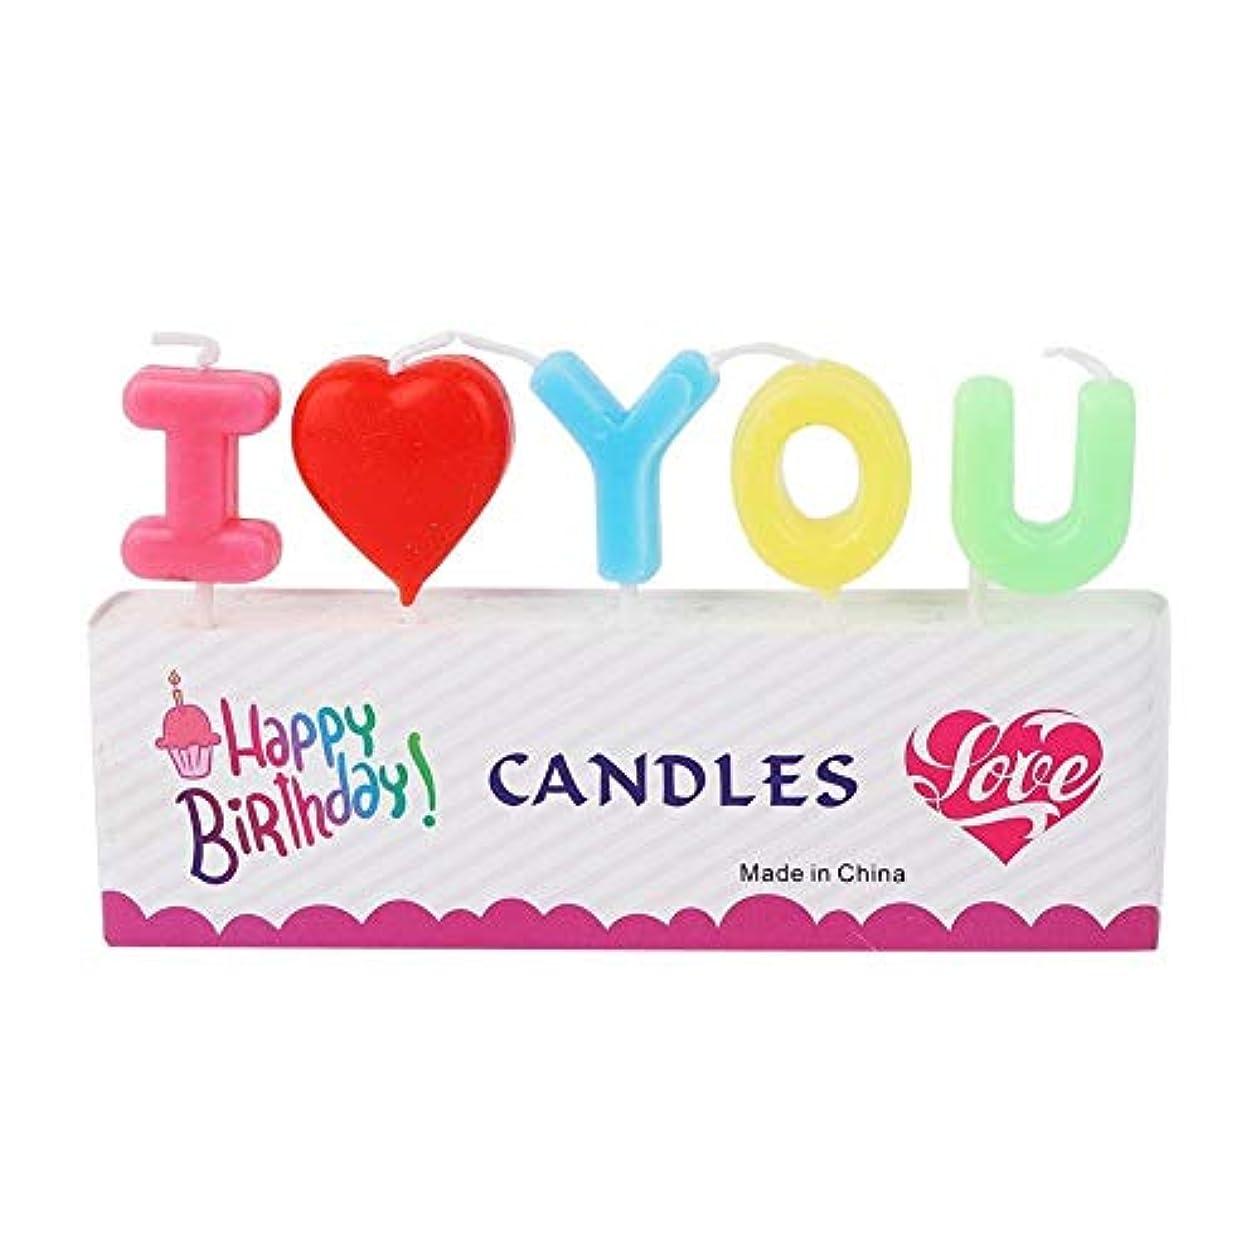 冷蔵するデイジー容疑者装飾キャンドル Vobar 文字型キャンドル I Love You 誕生日 記念日 パーティー 結婚式 プロポーズ 告白道具用